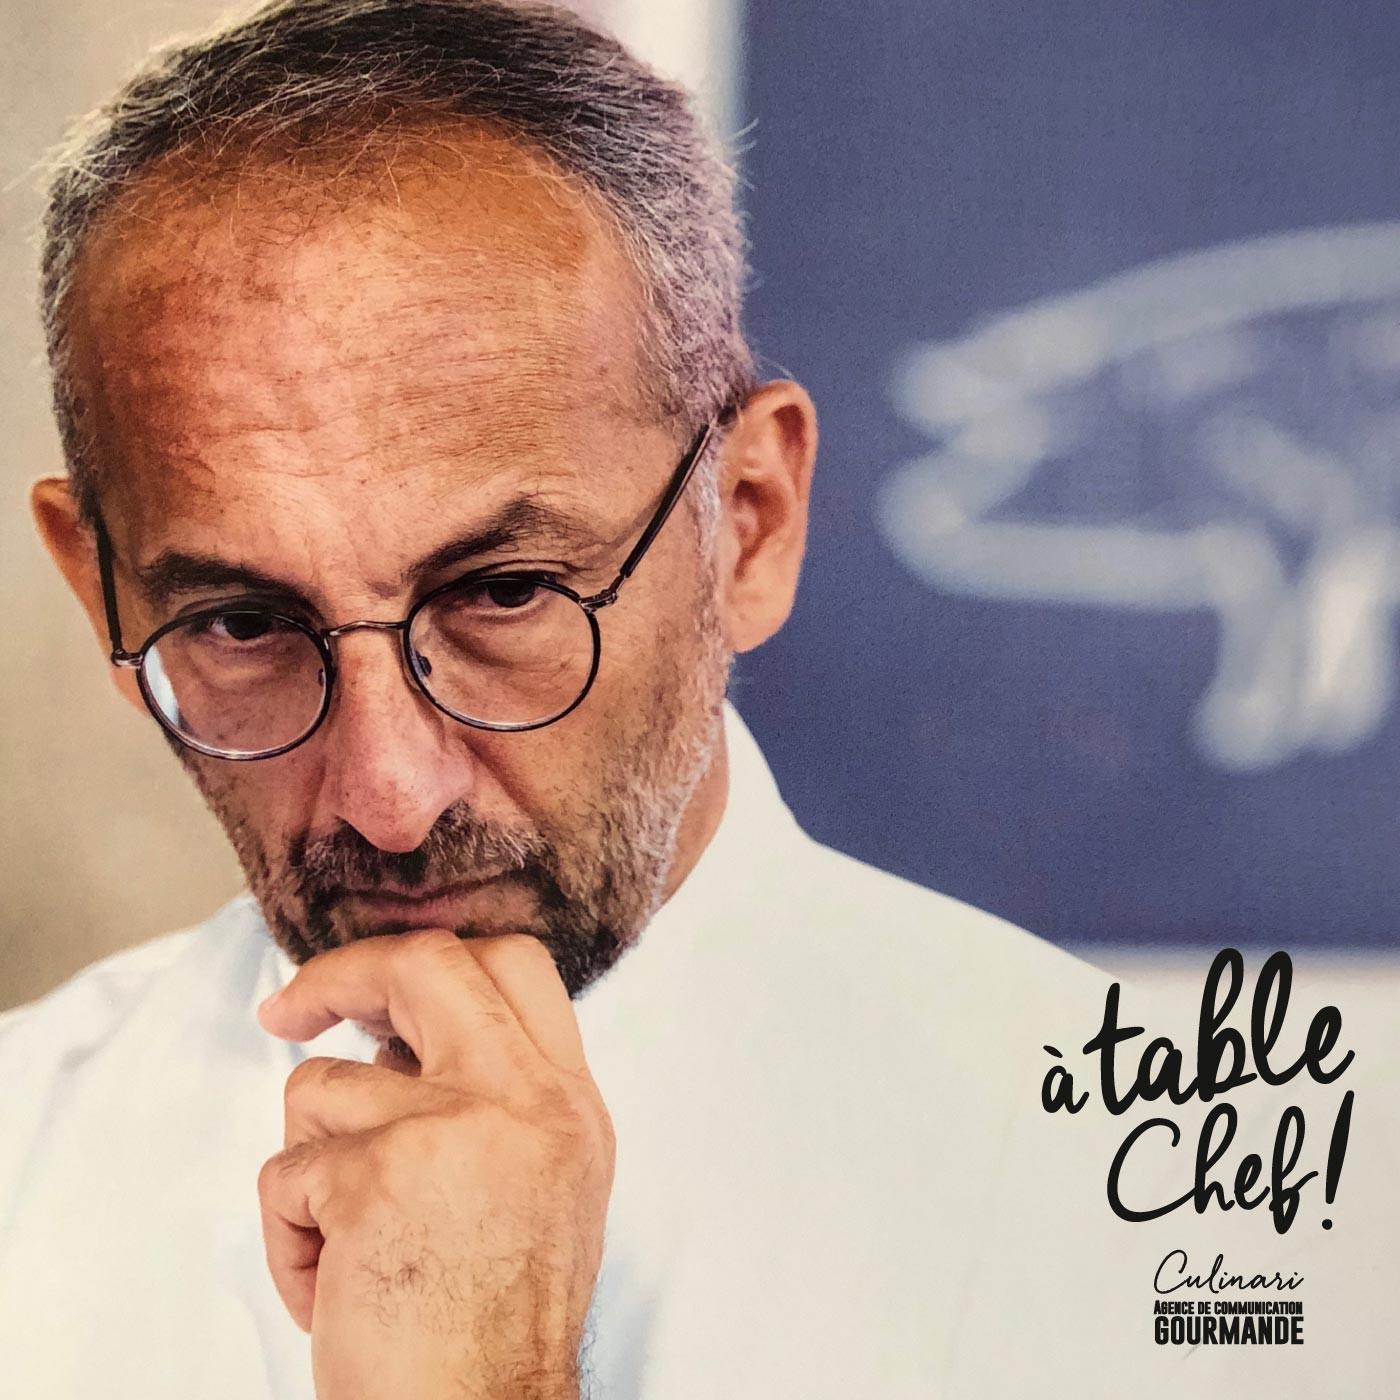 Chef Michel Portos